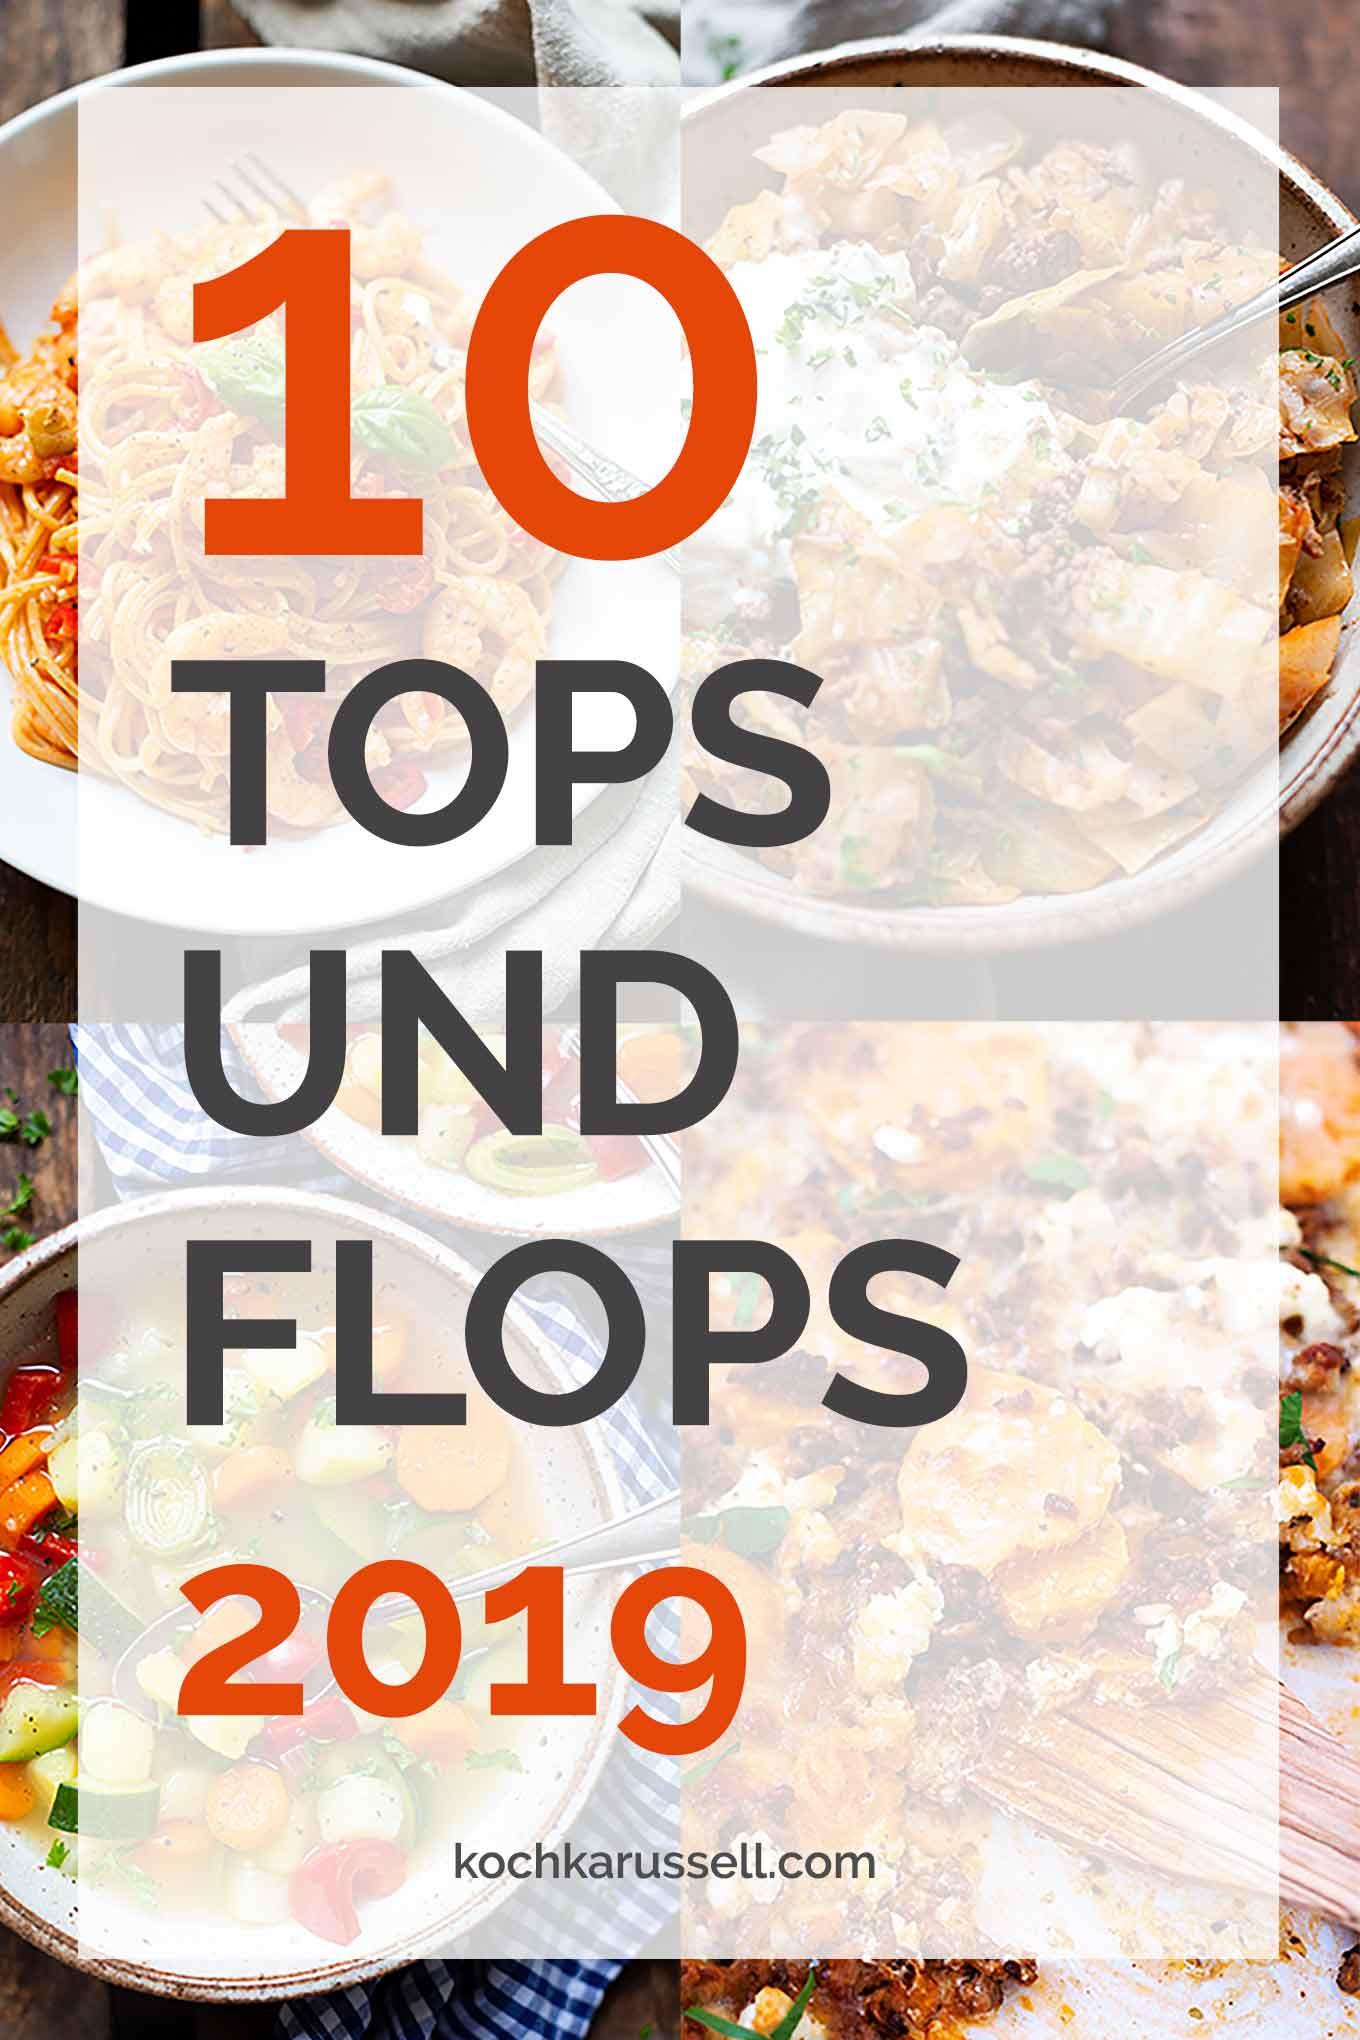 Jahresrückblick: 10 Tops und Flops 2019 im Kochkarussell - Kochkarussell Foodblog #jahresrückblick #topsundflops #kochkarussell